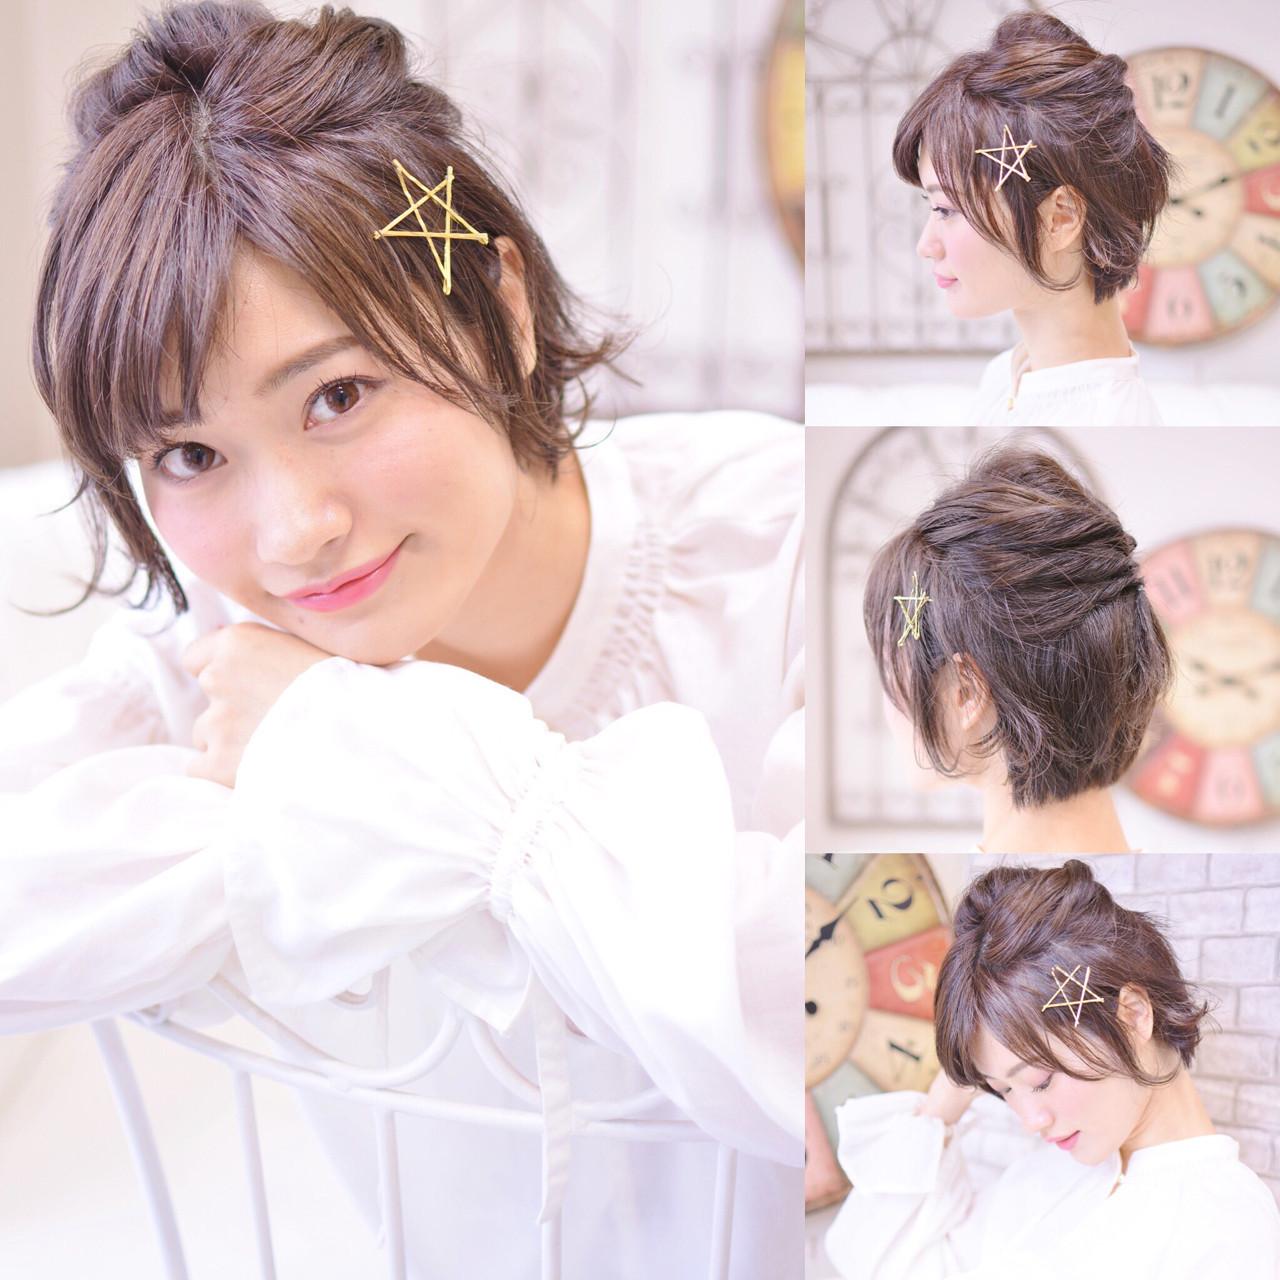 ハーフアップなら、ハチ周りの広がりもスッキリ! Shiko Kajihara